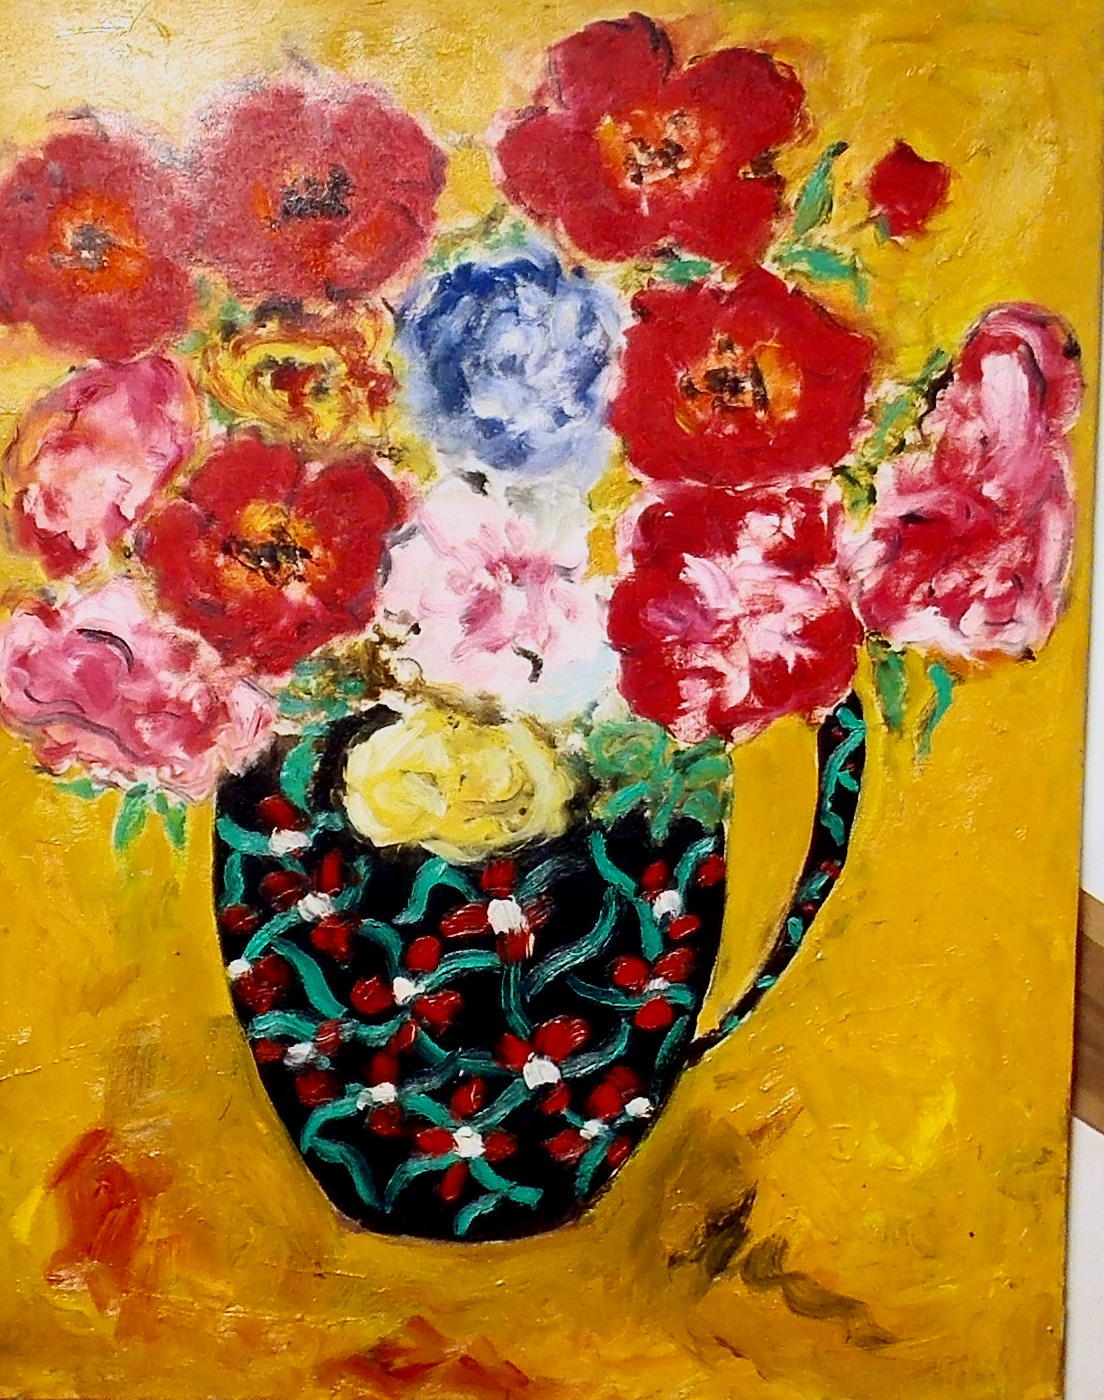 D co peinture impression 21 peinture epoxy a froid Peinture impression